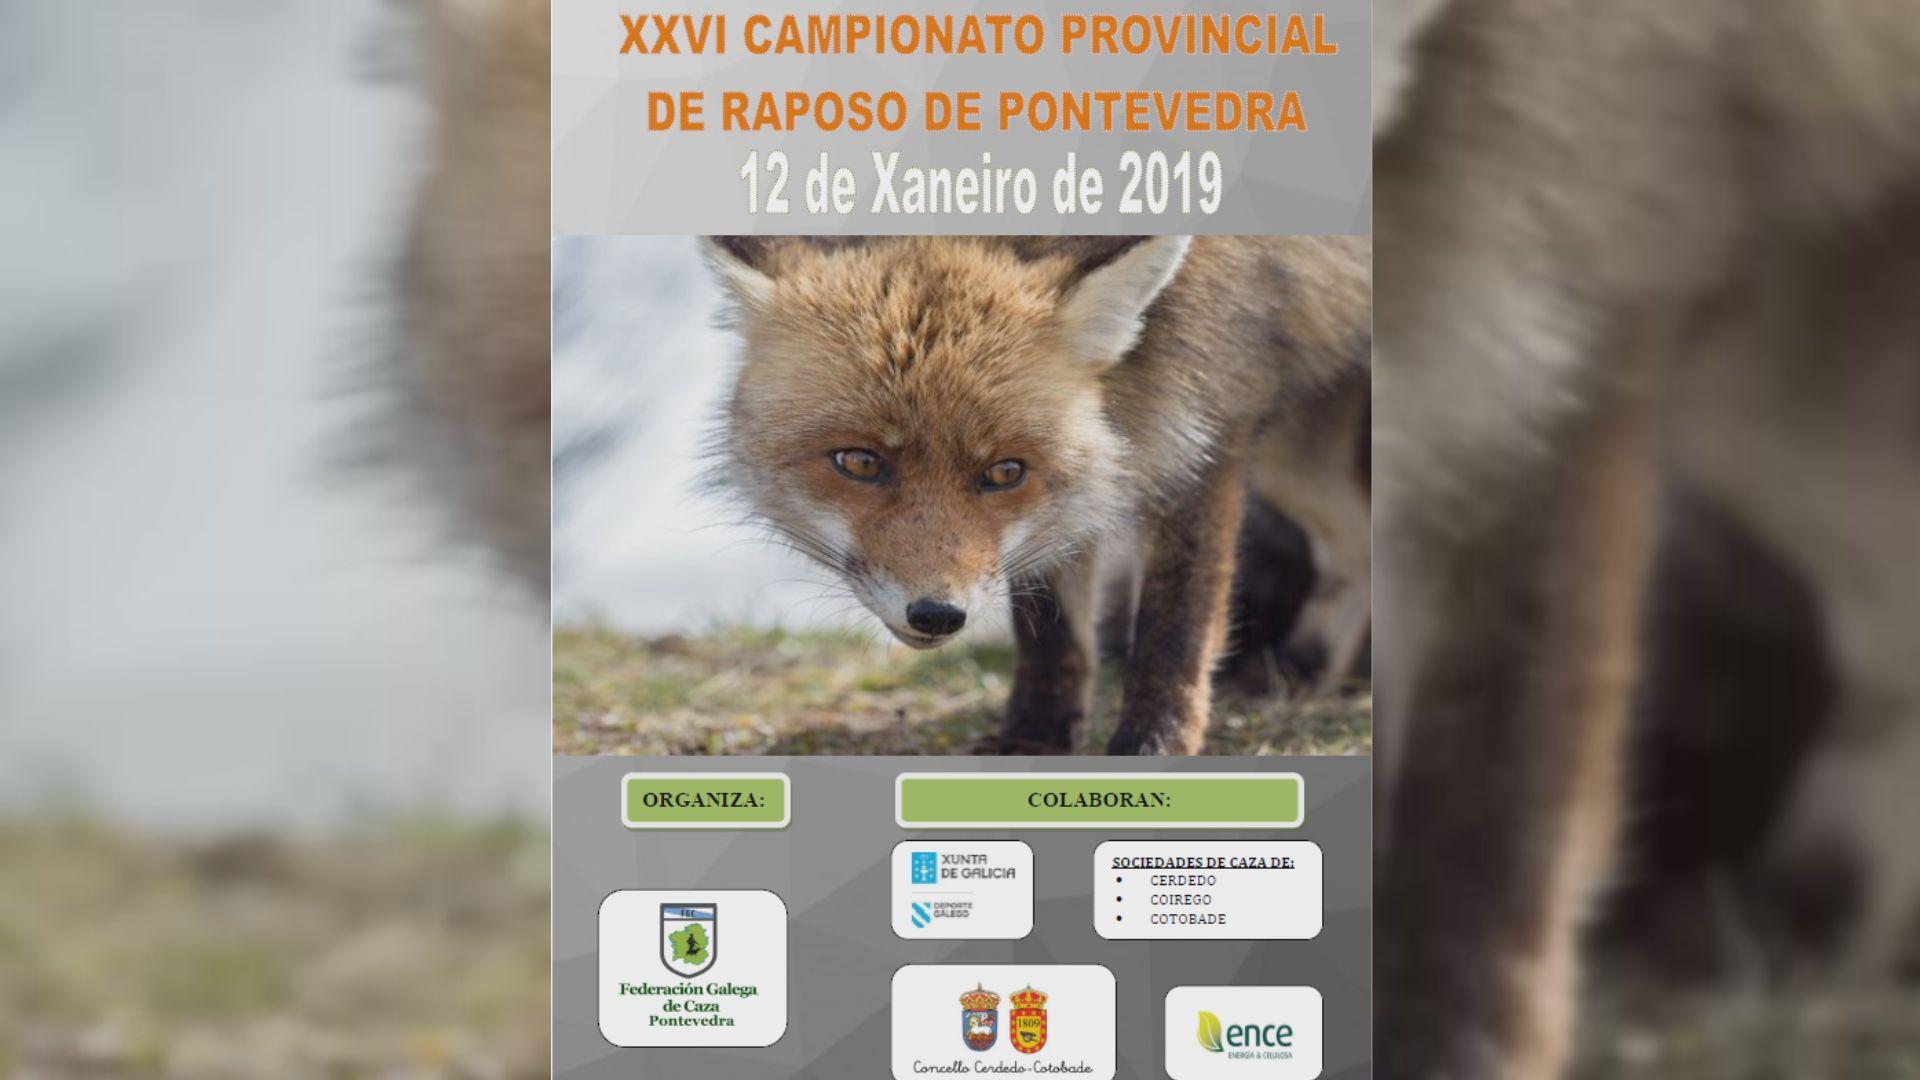 Critican la aparición de logotipos de la Xunta en los carteles de campeonatos de caza de zorro